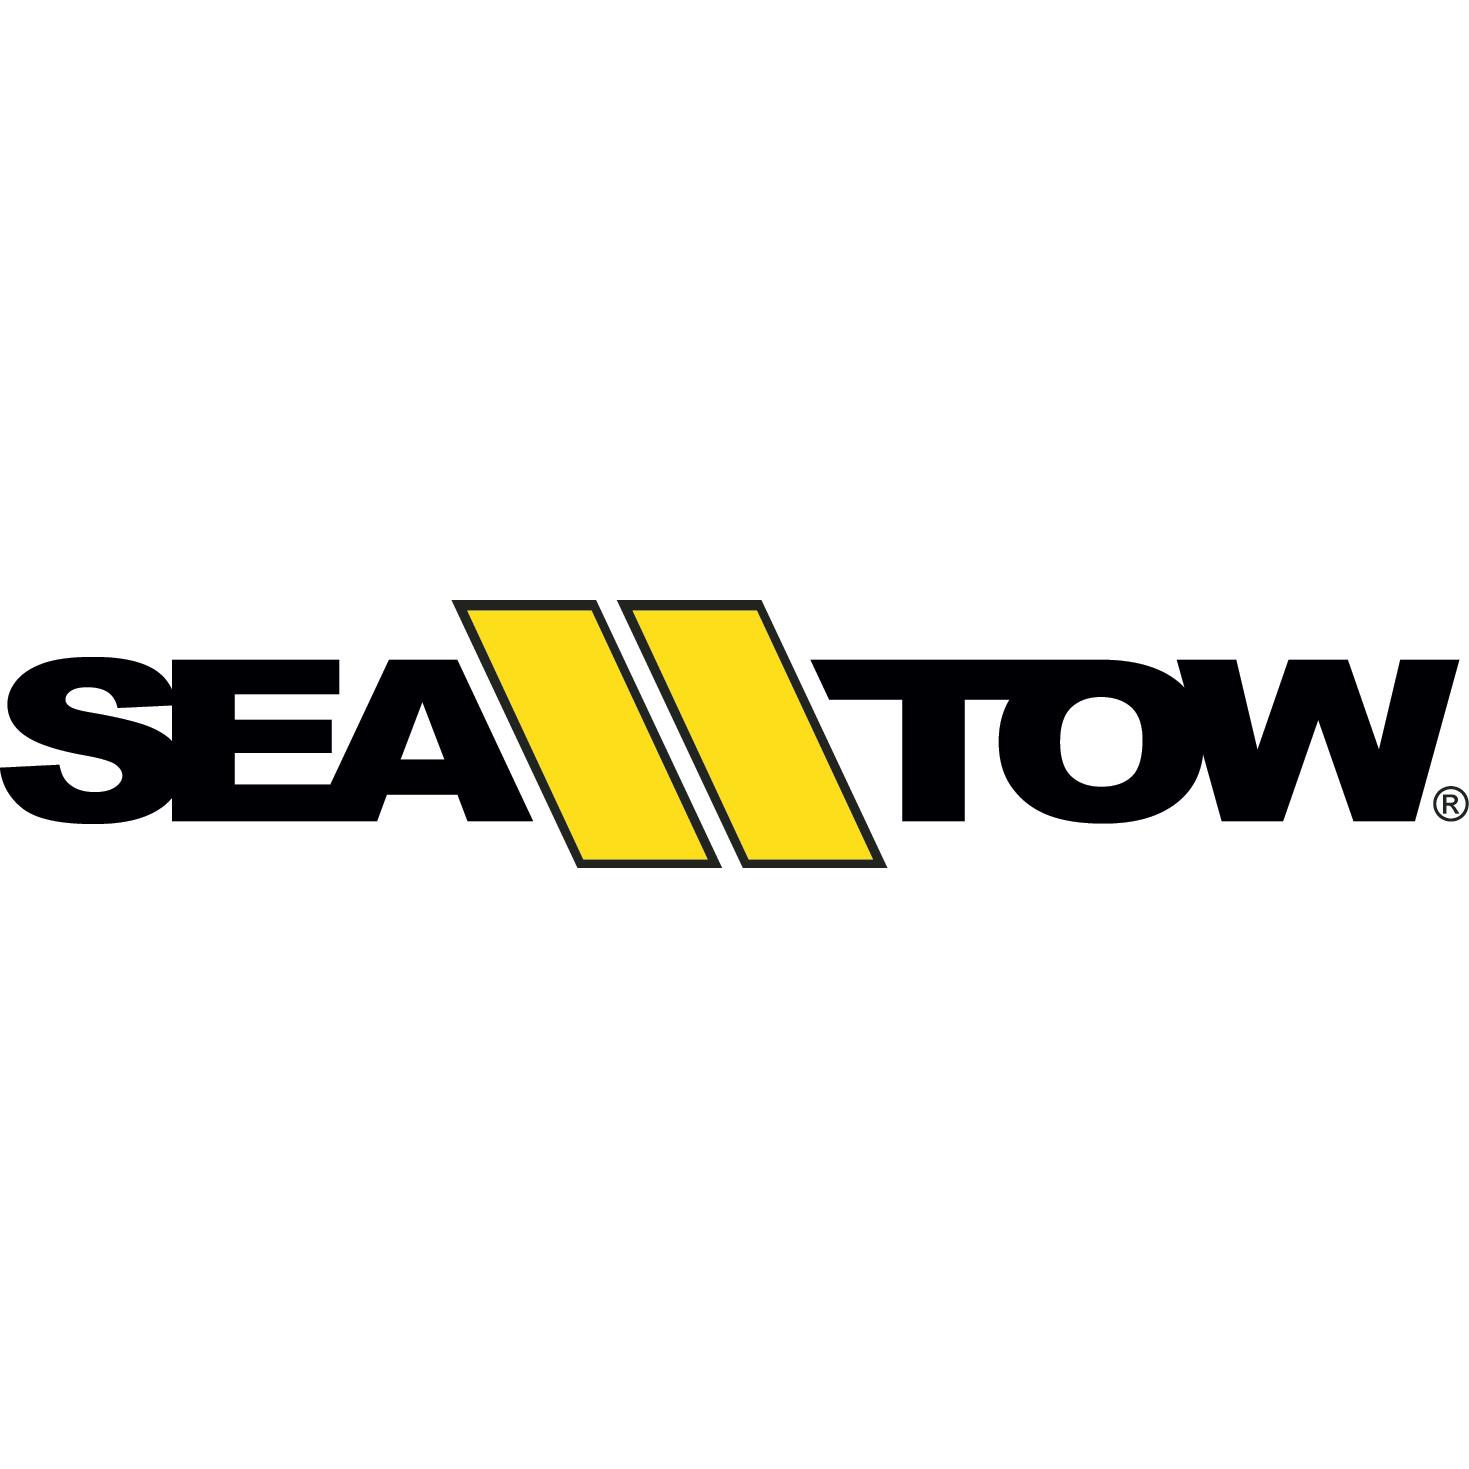 Sea Tow Seacoast